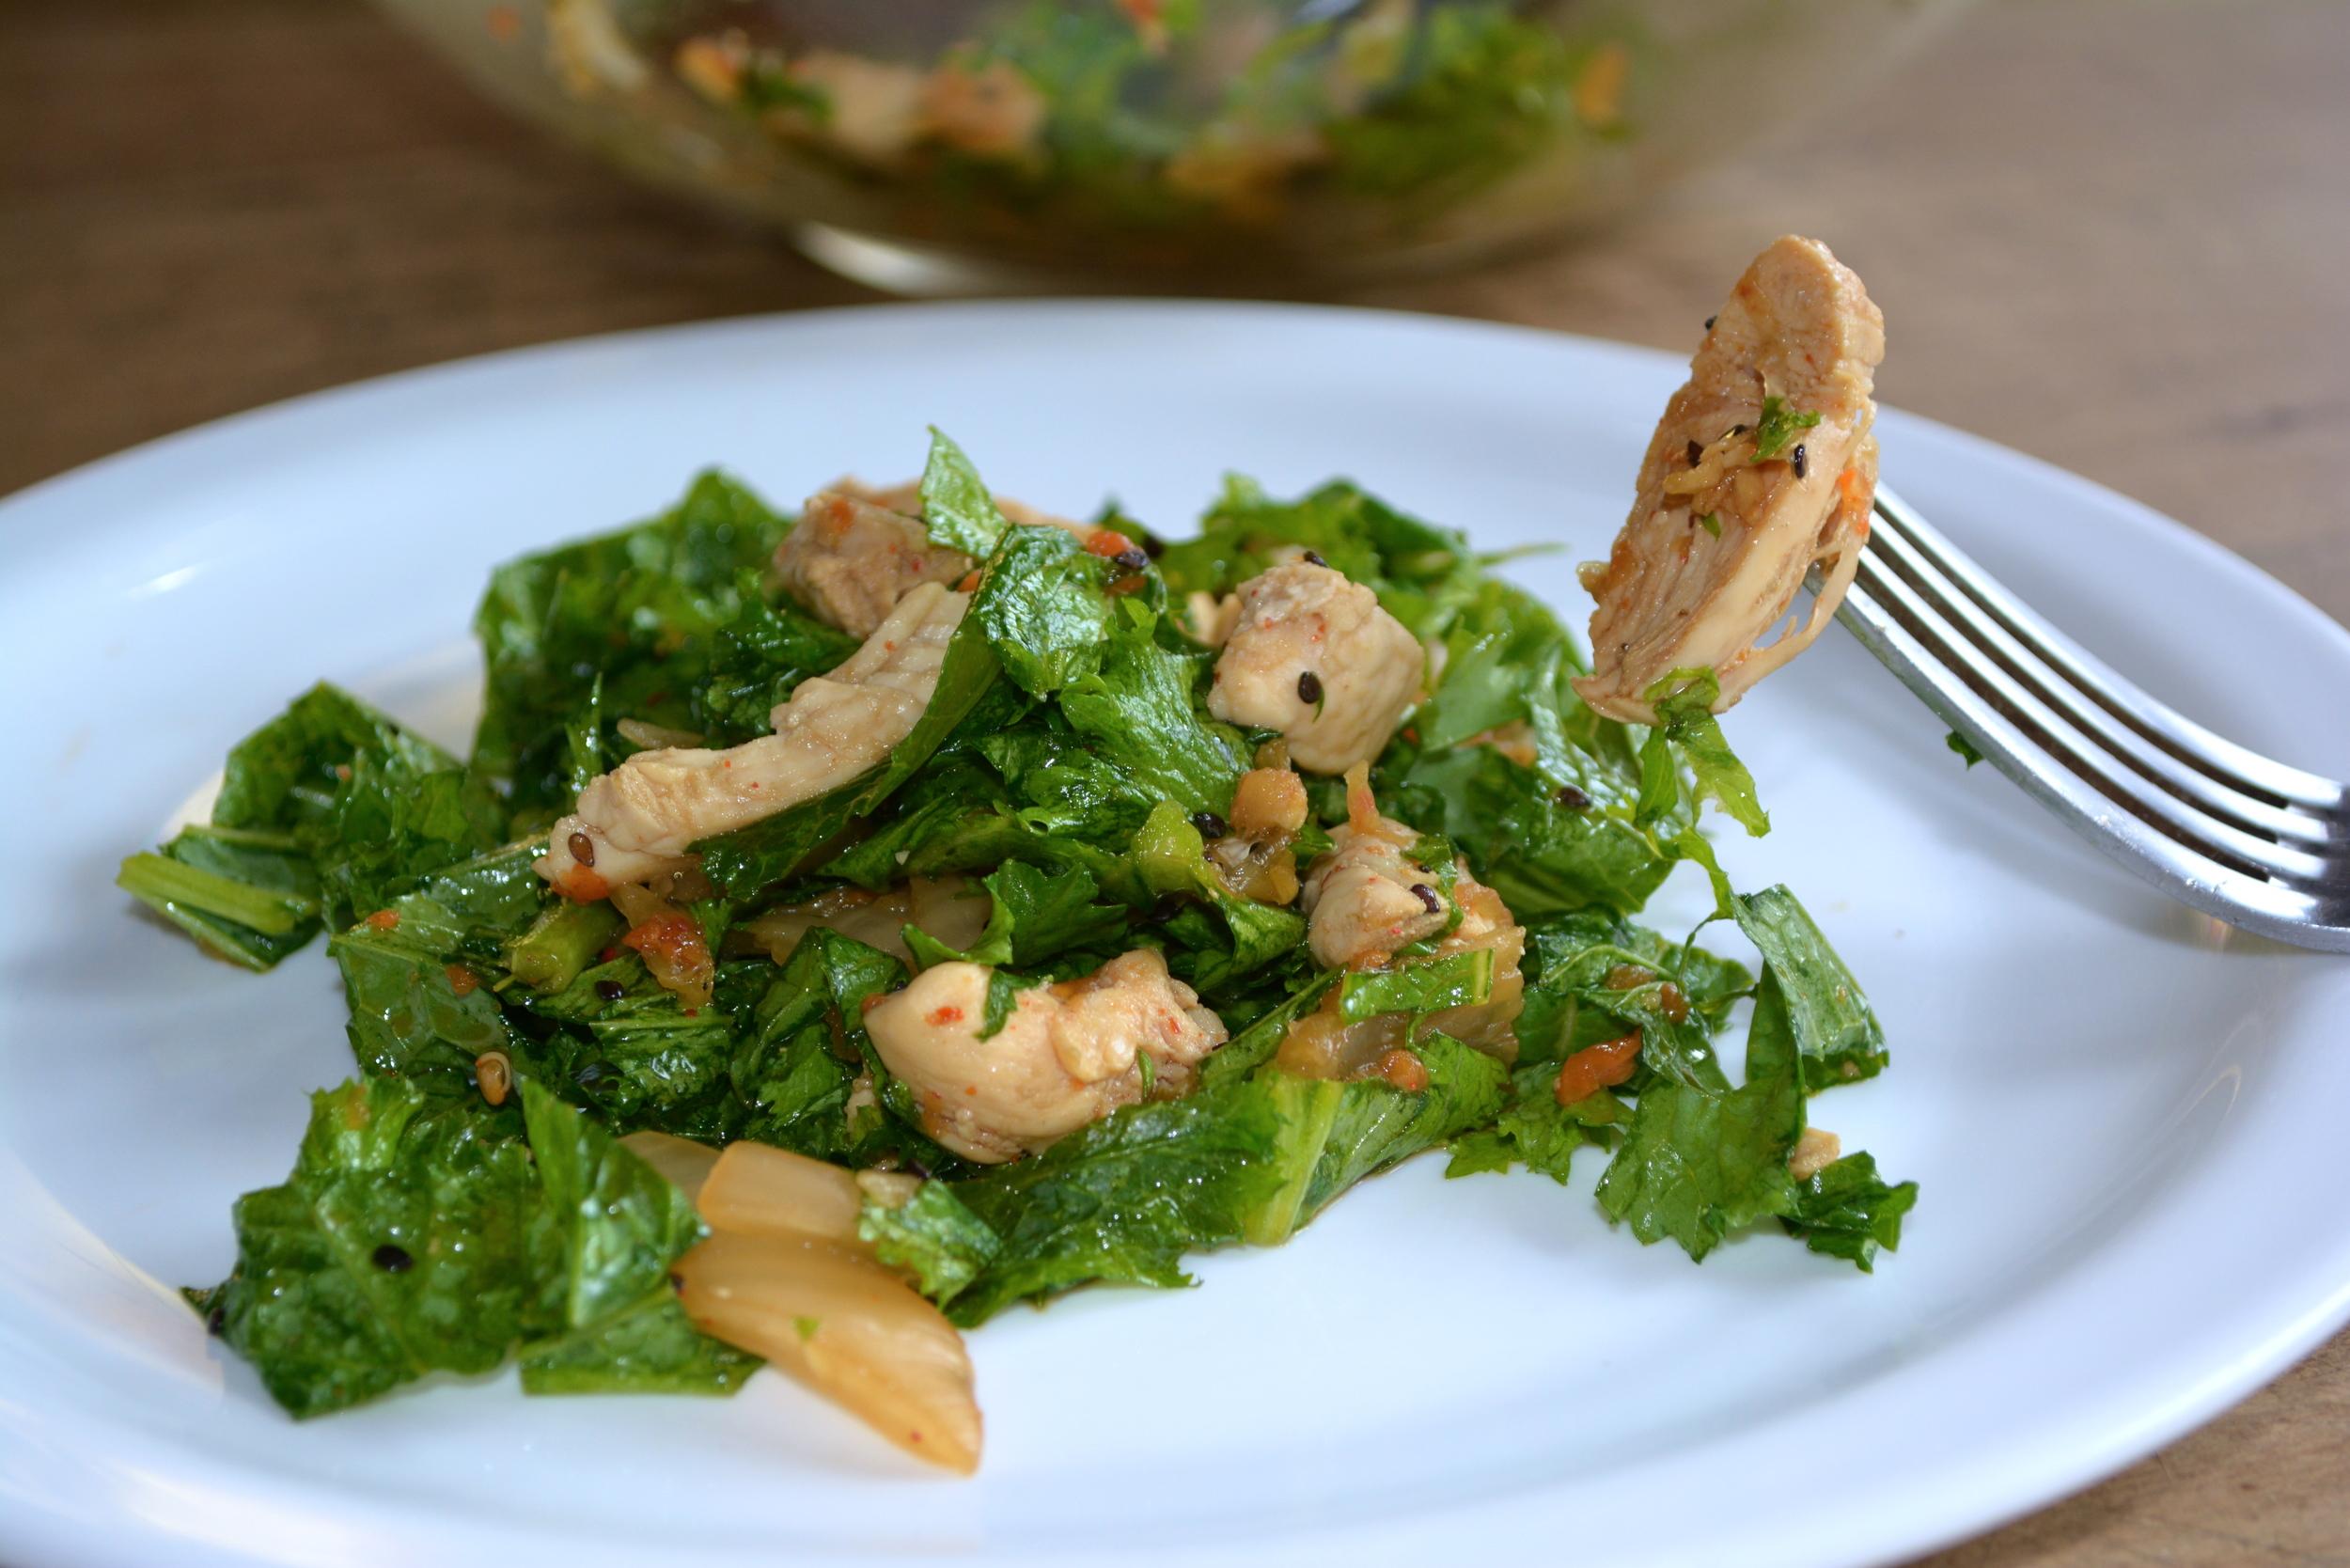 Kimchi Sesame Mustard Green Salad w/ Chicken